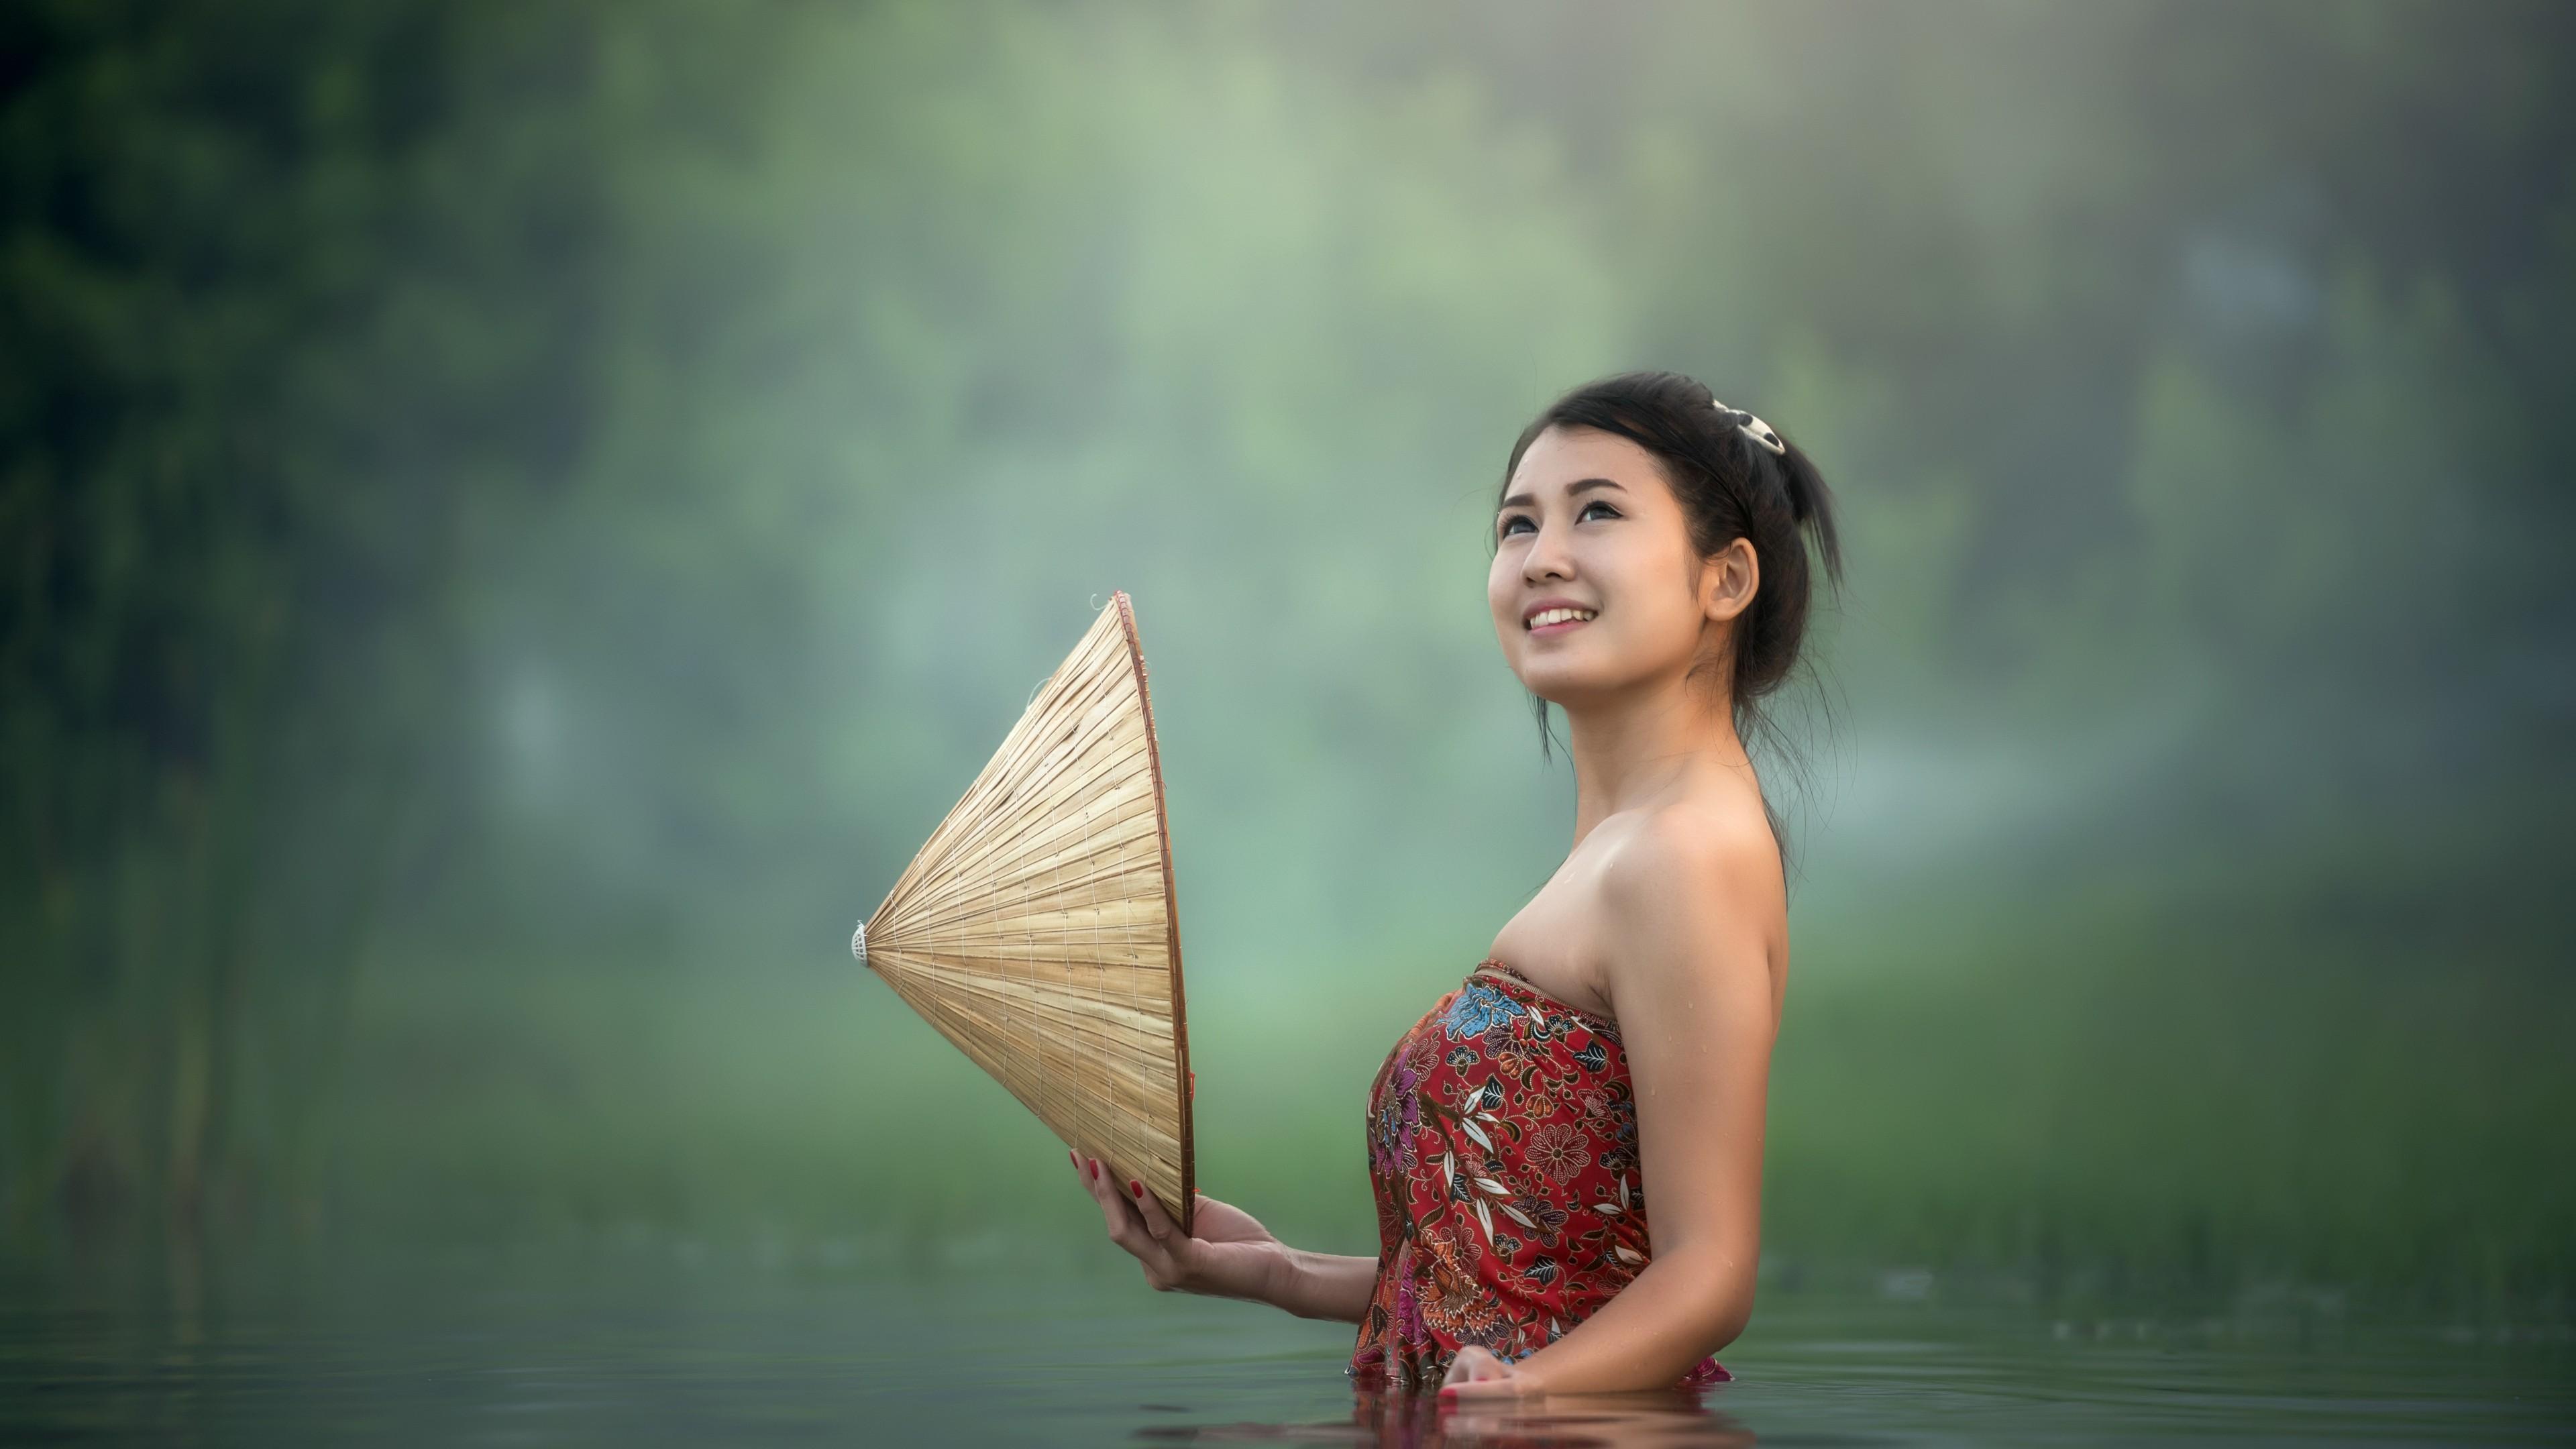 Девушка-азиатка с конической шляпой в руке принимает утренние процедуры в пруду